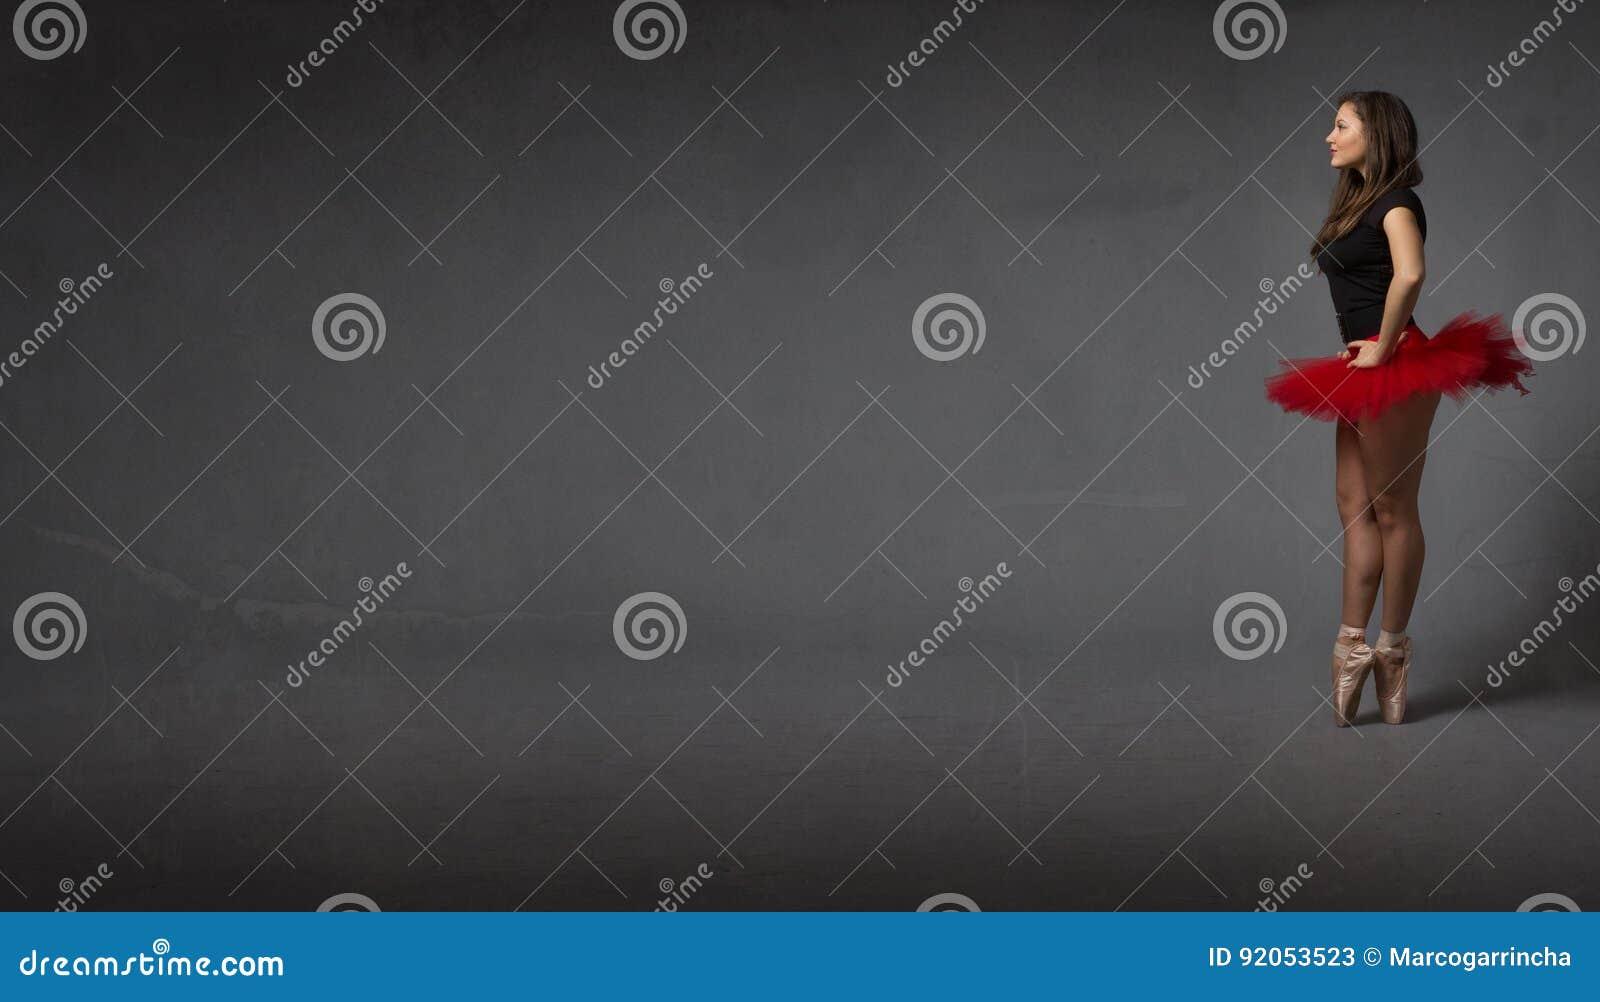 Балерина смотря пустой бальный зал abastract